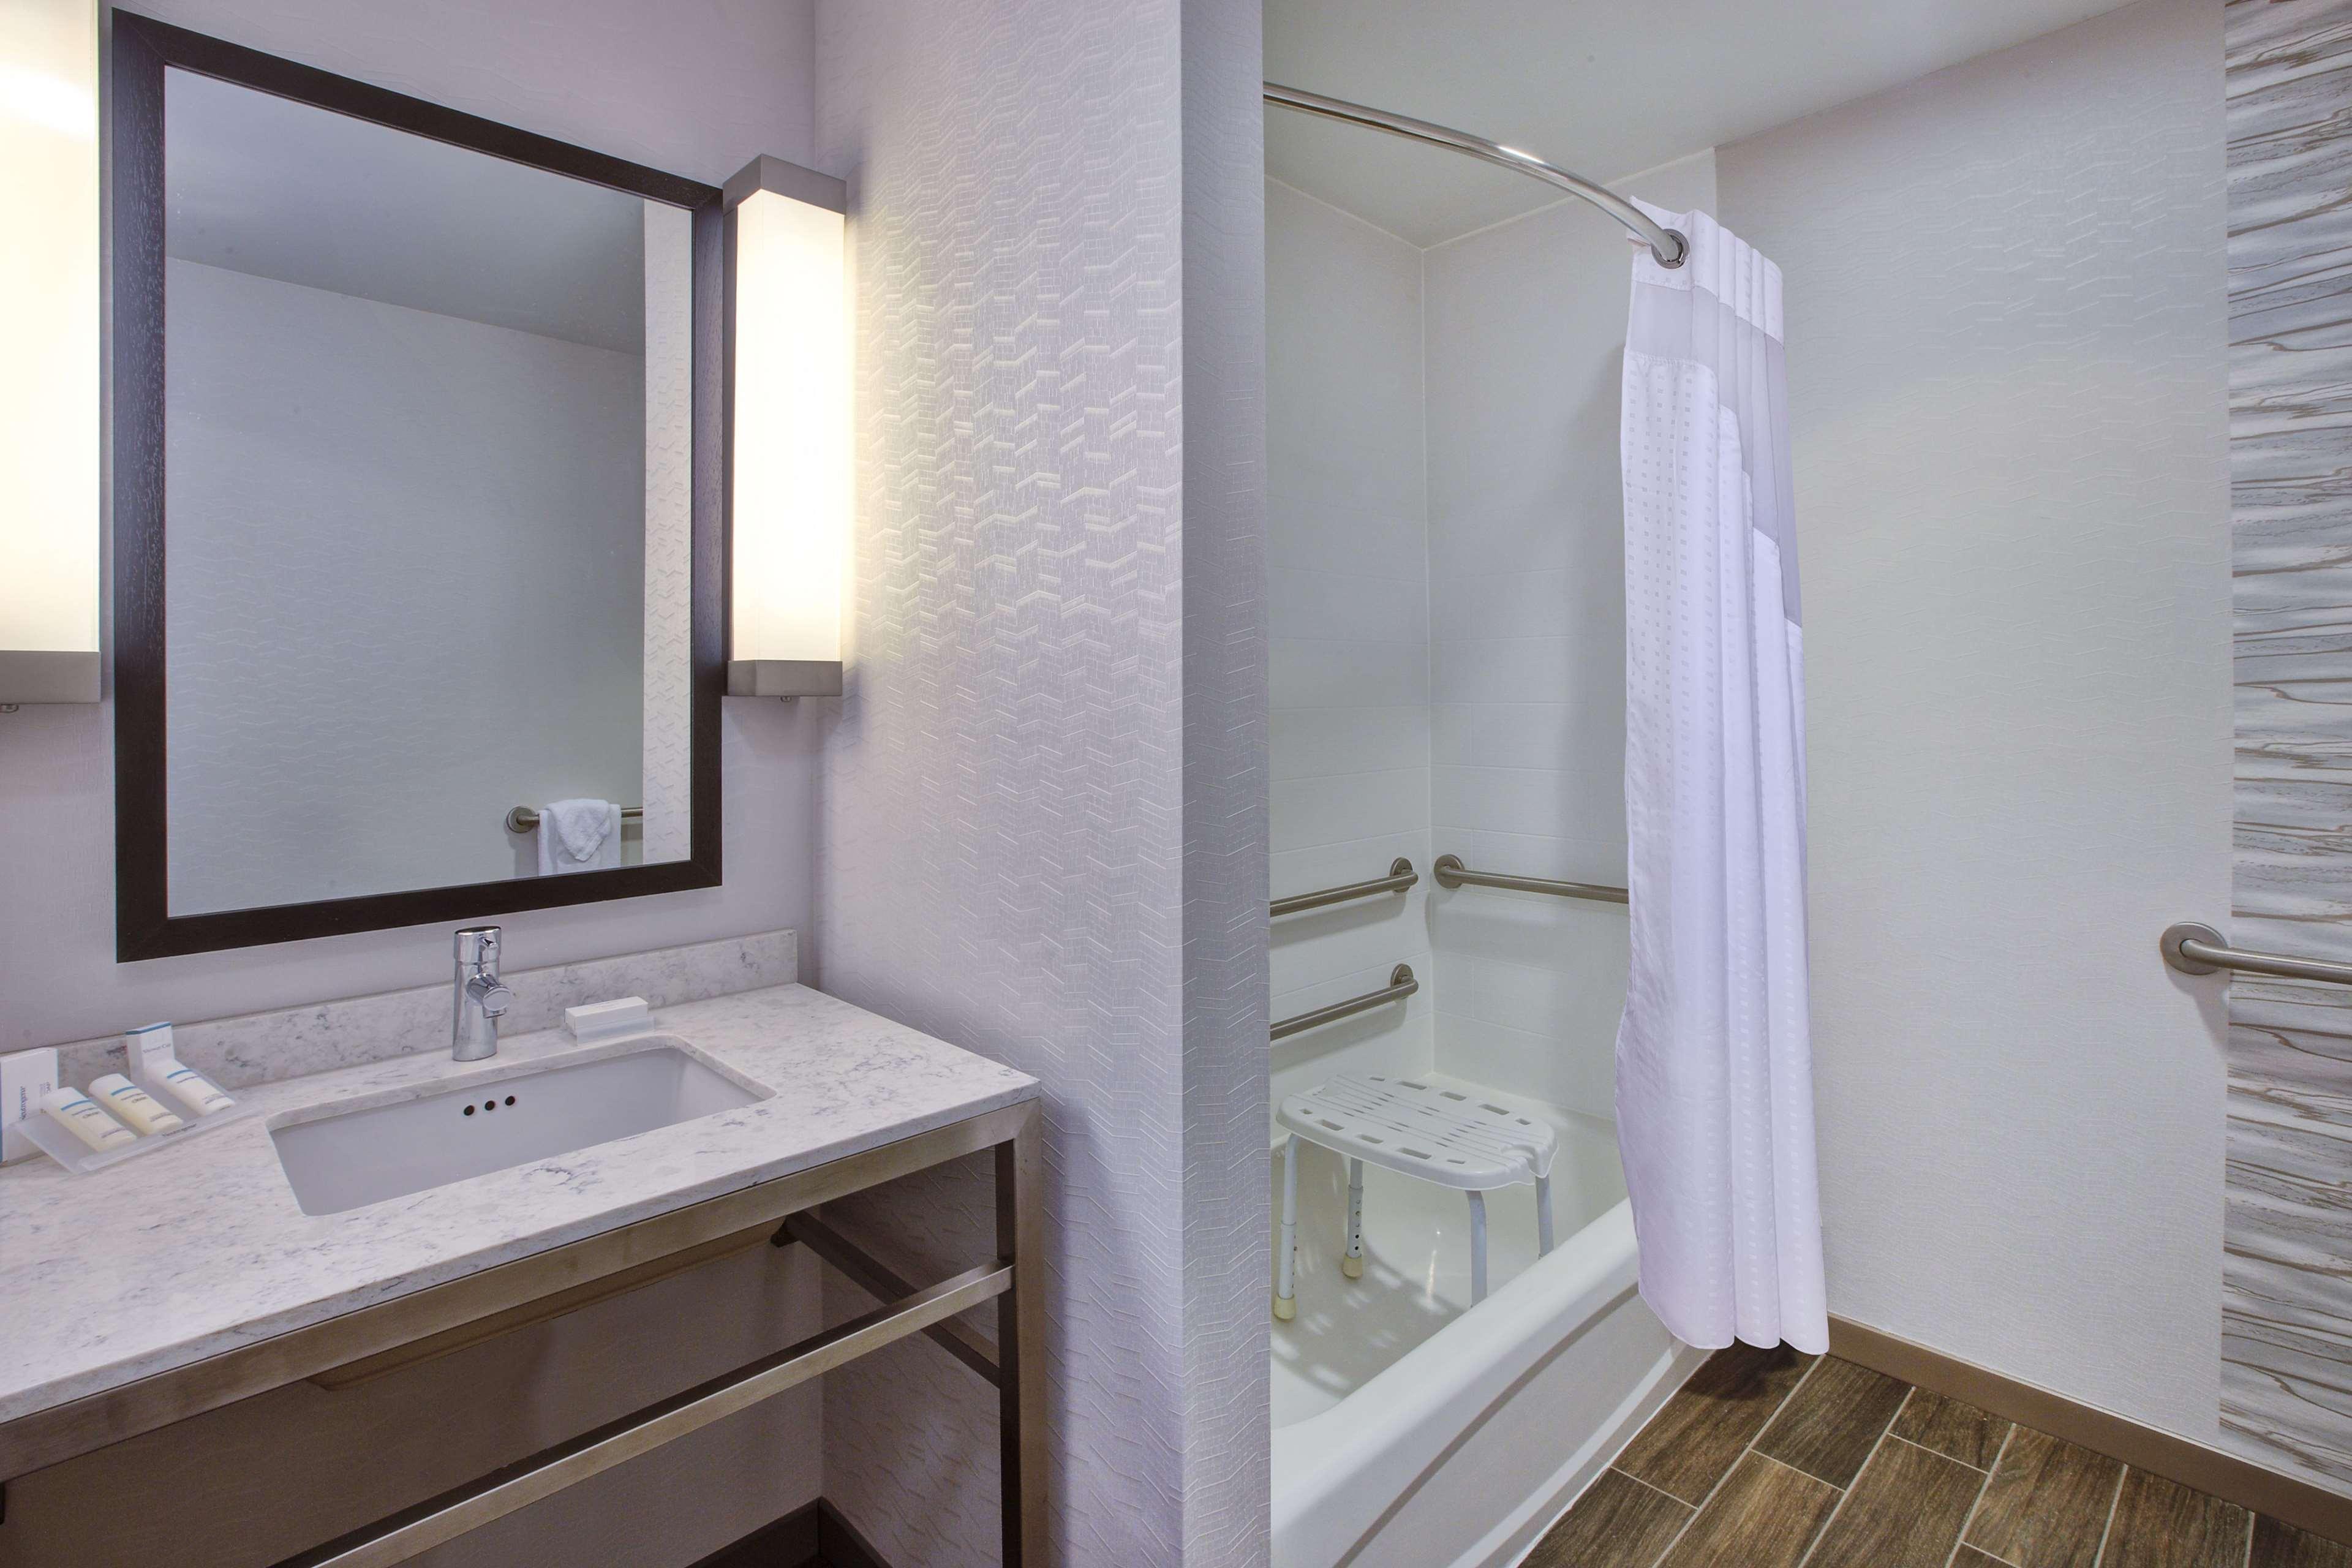 Hilton Garden Inn Chesterton image 20